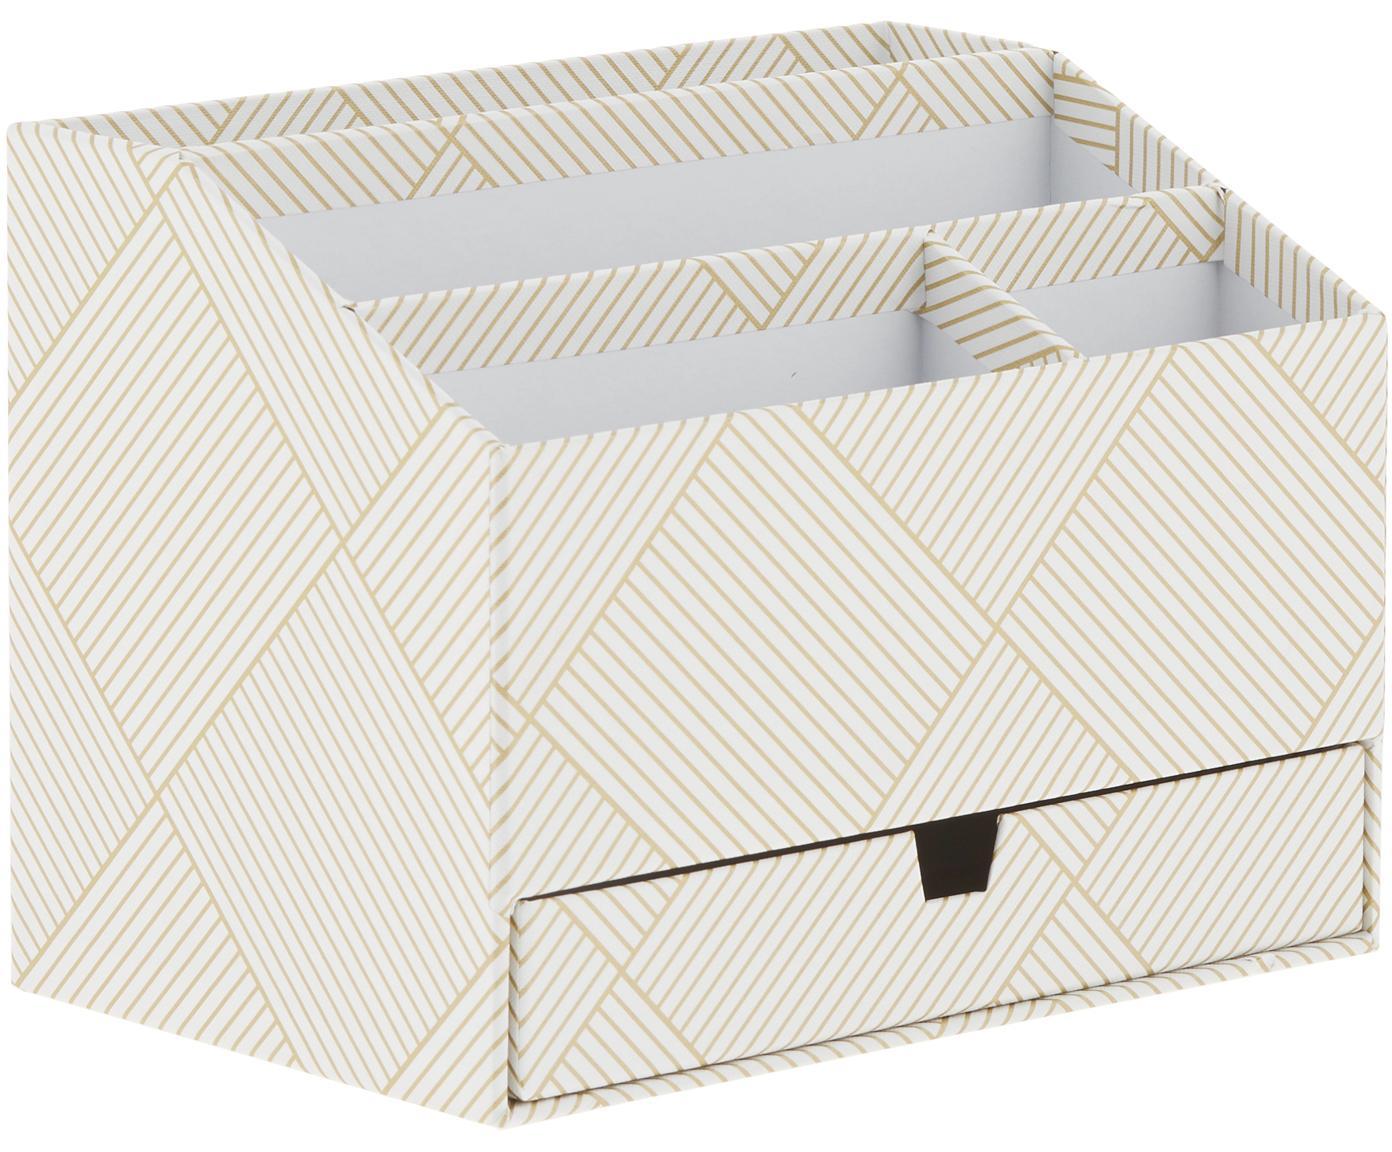 Organizer biurowy Greta, Tektura laminowana, Odcienie złotego, biały, S 24 x W 18 cm